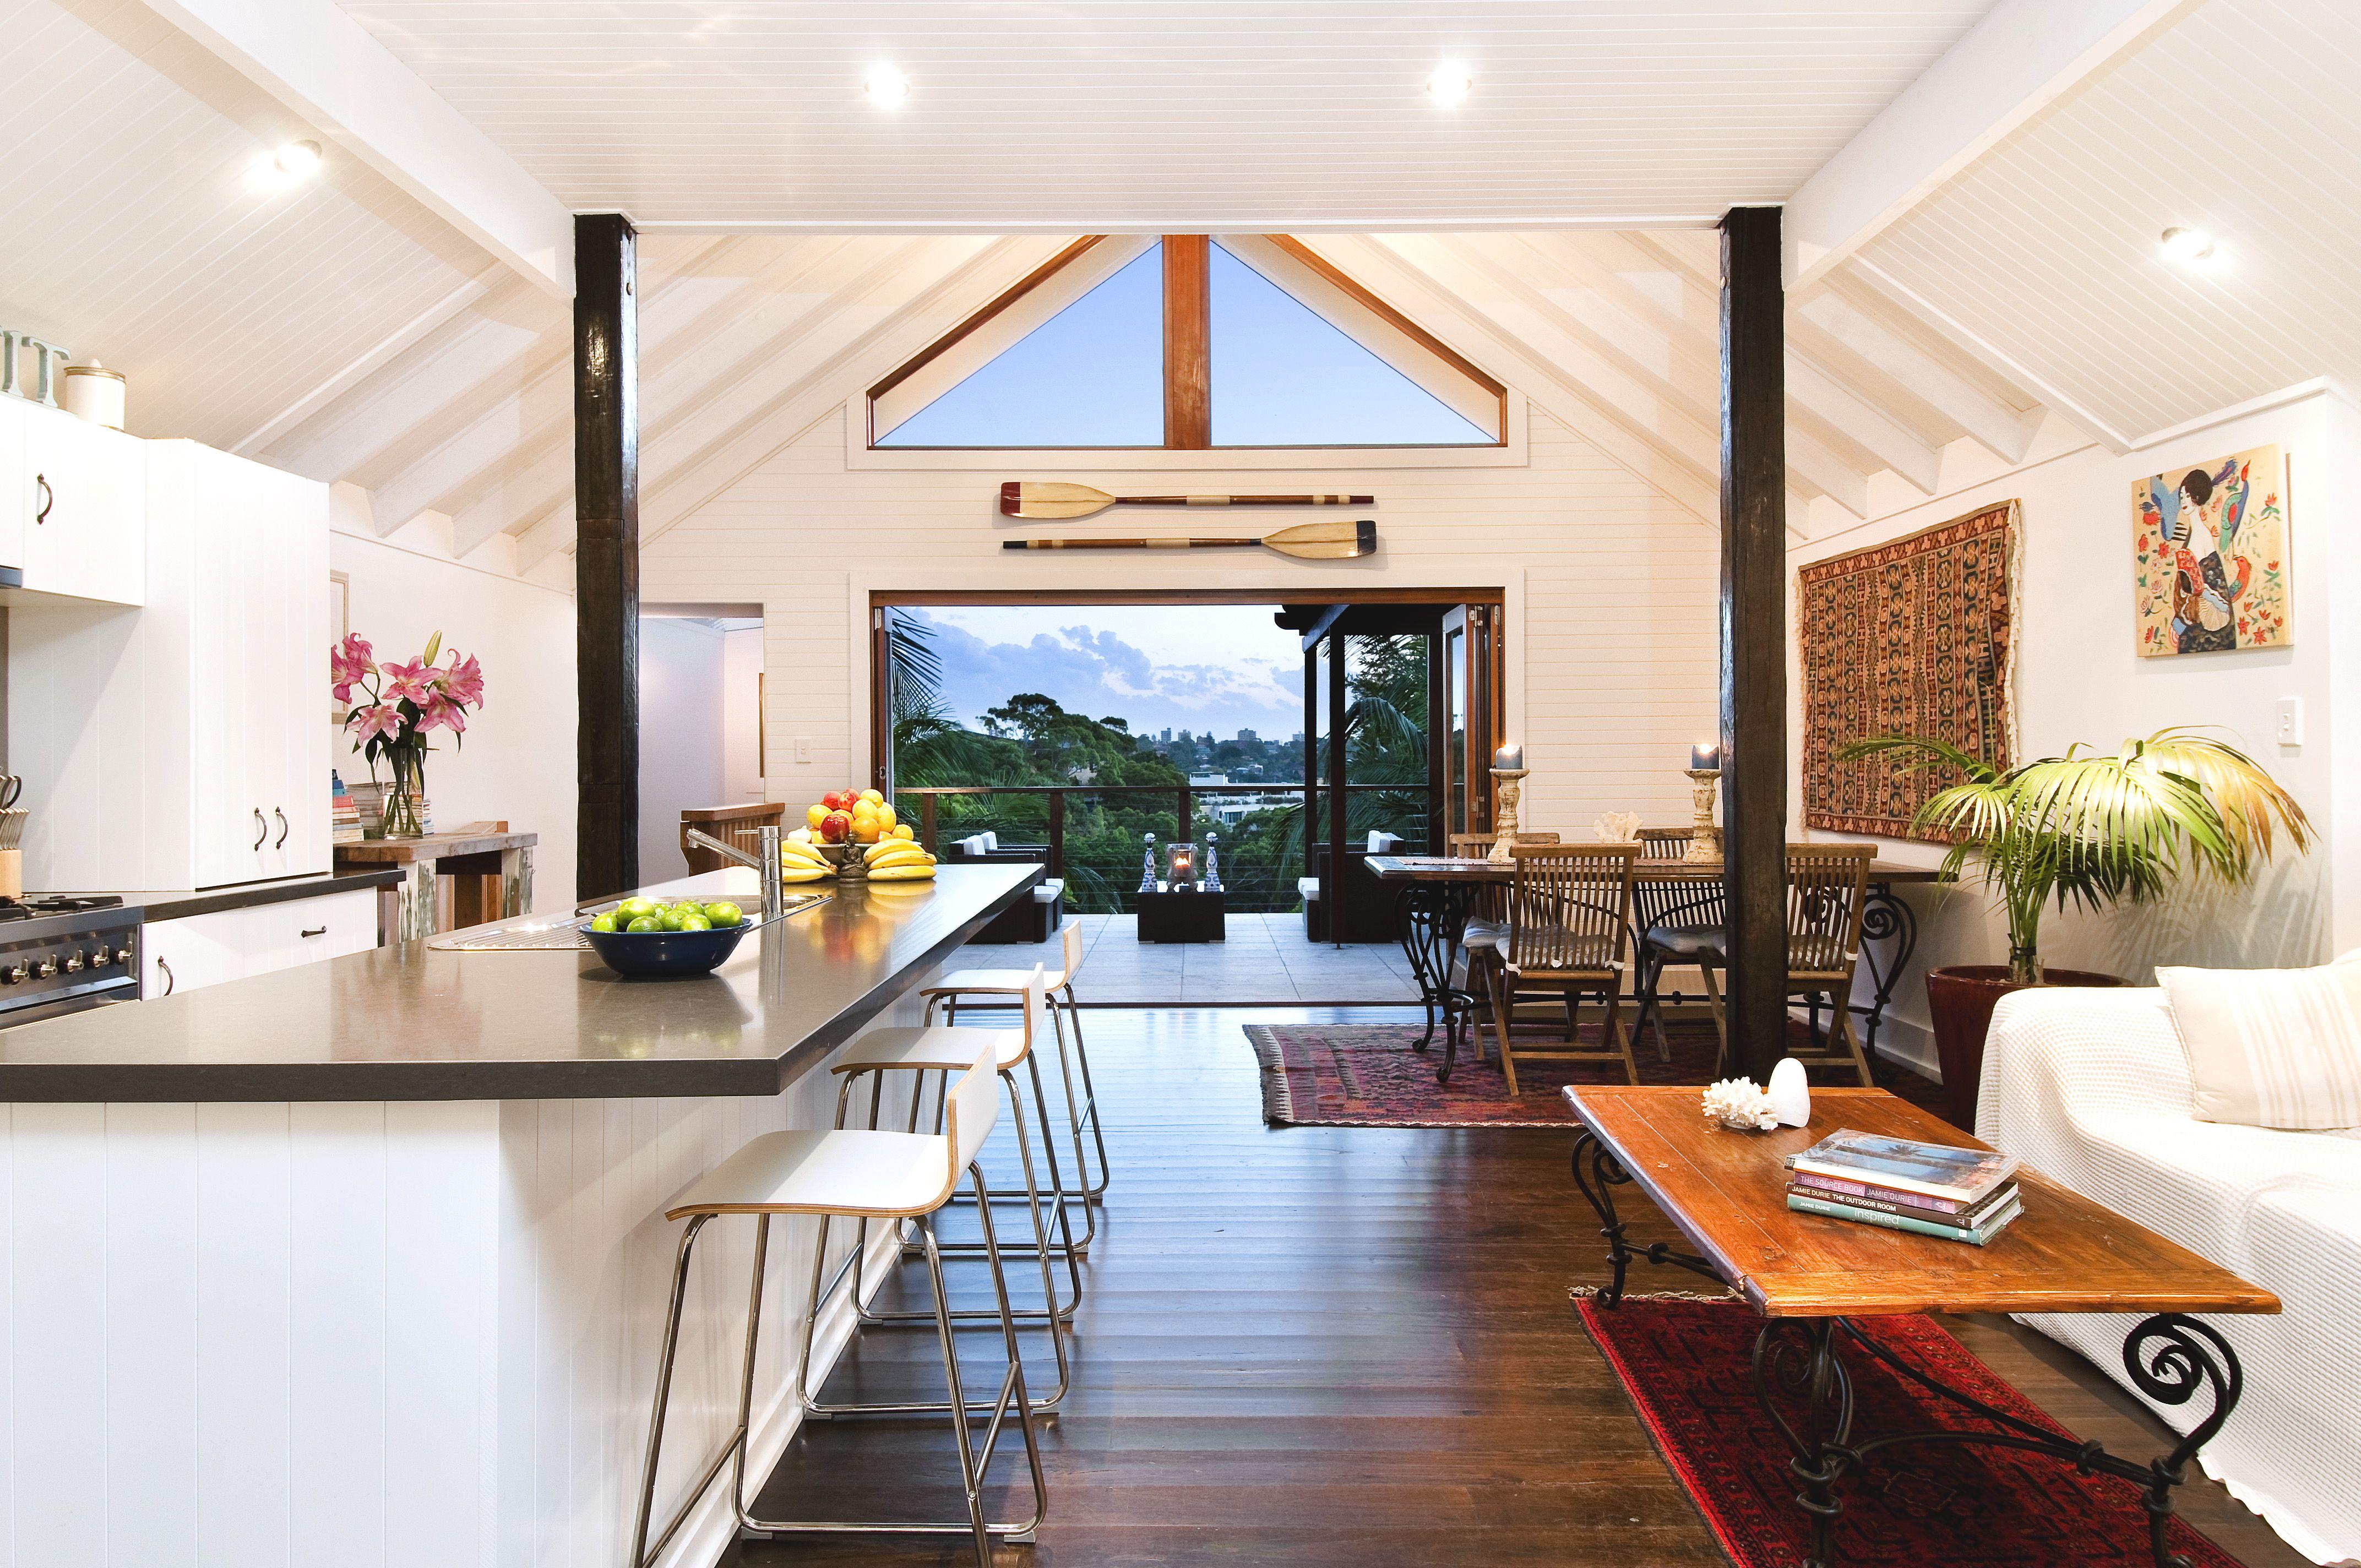 Contemporary australian house interior design in white